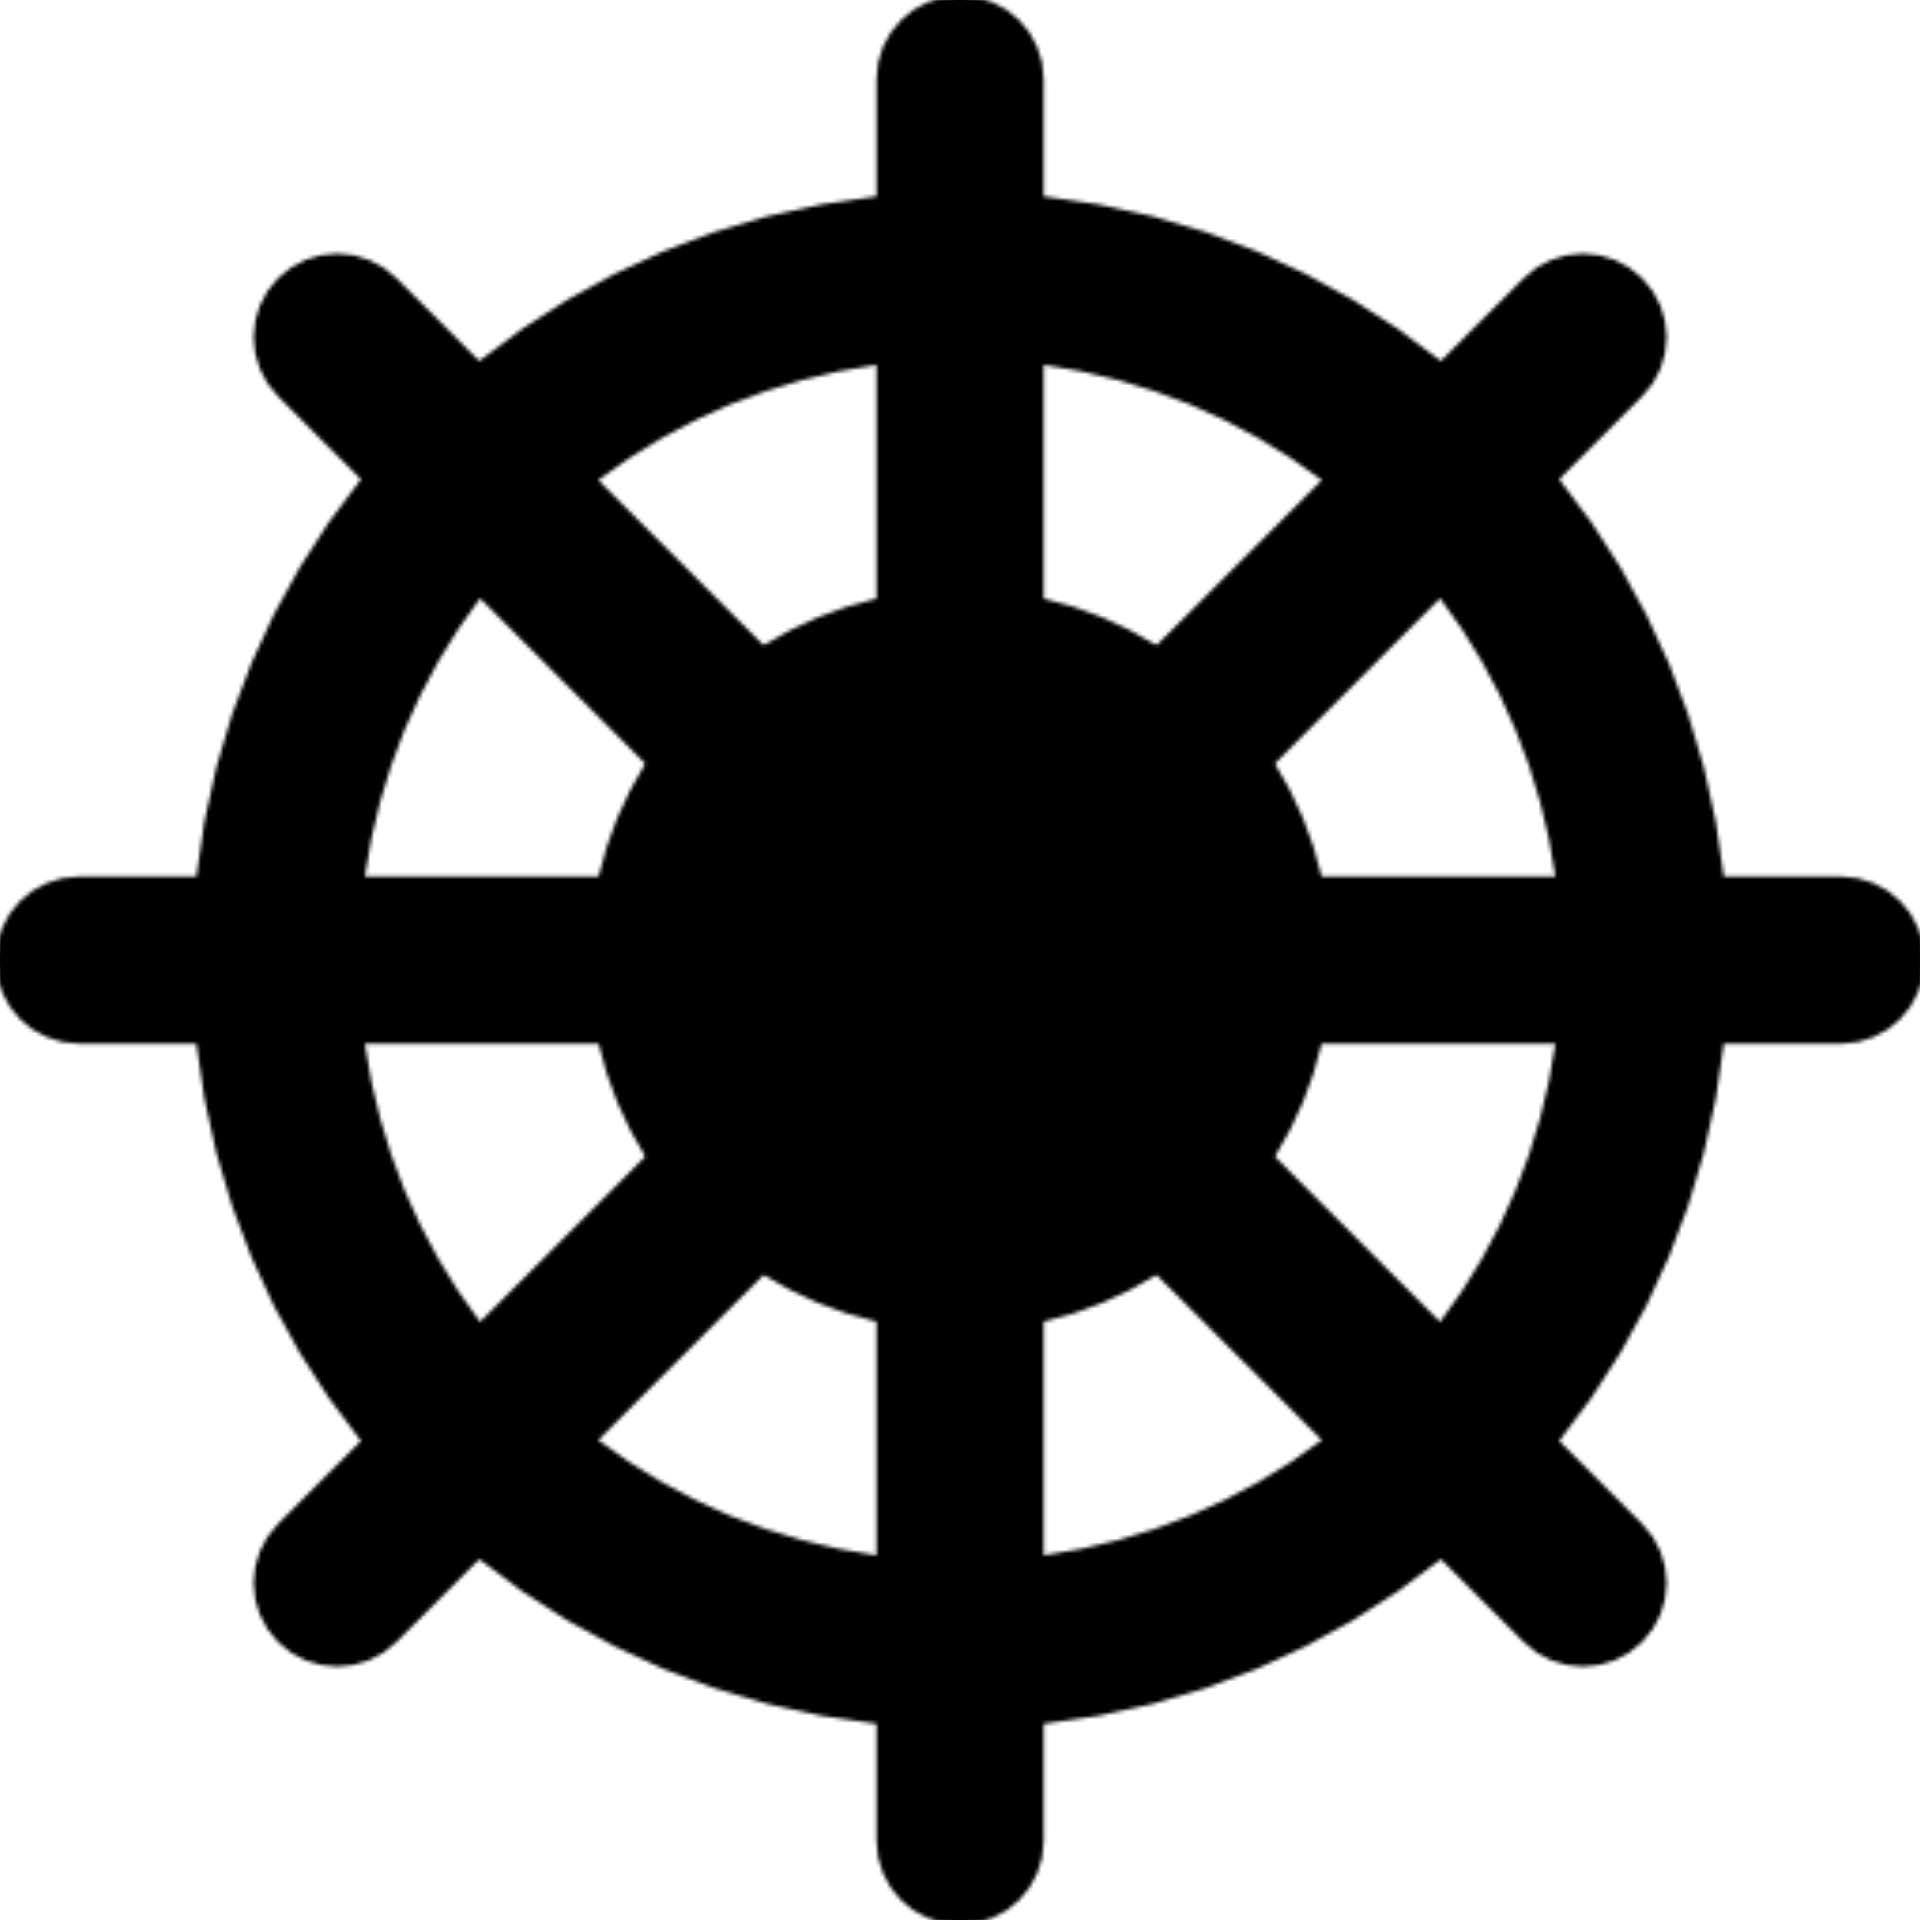 logo_kormidlo